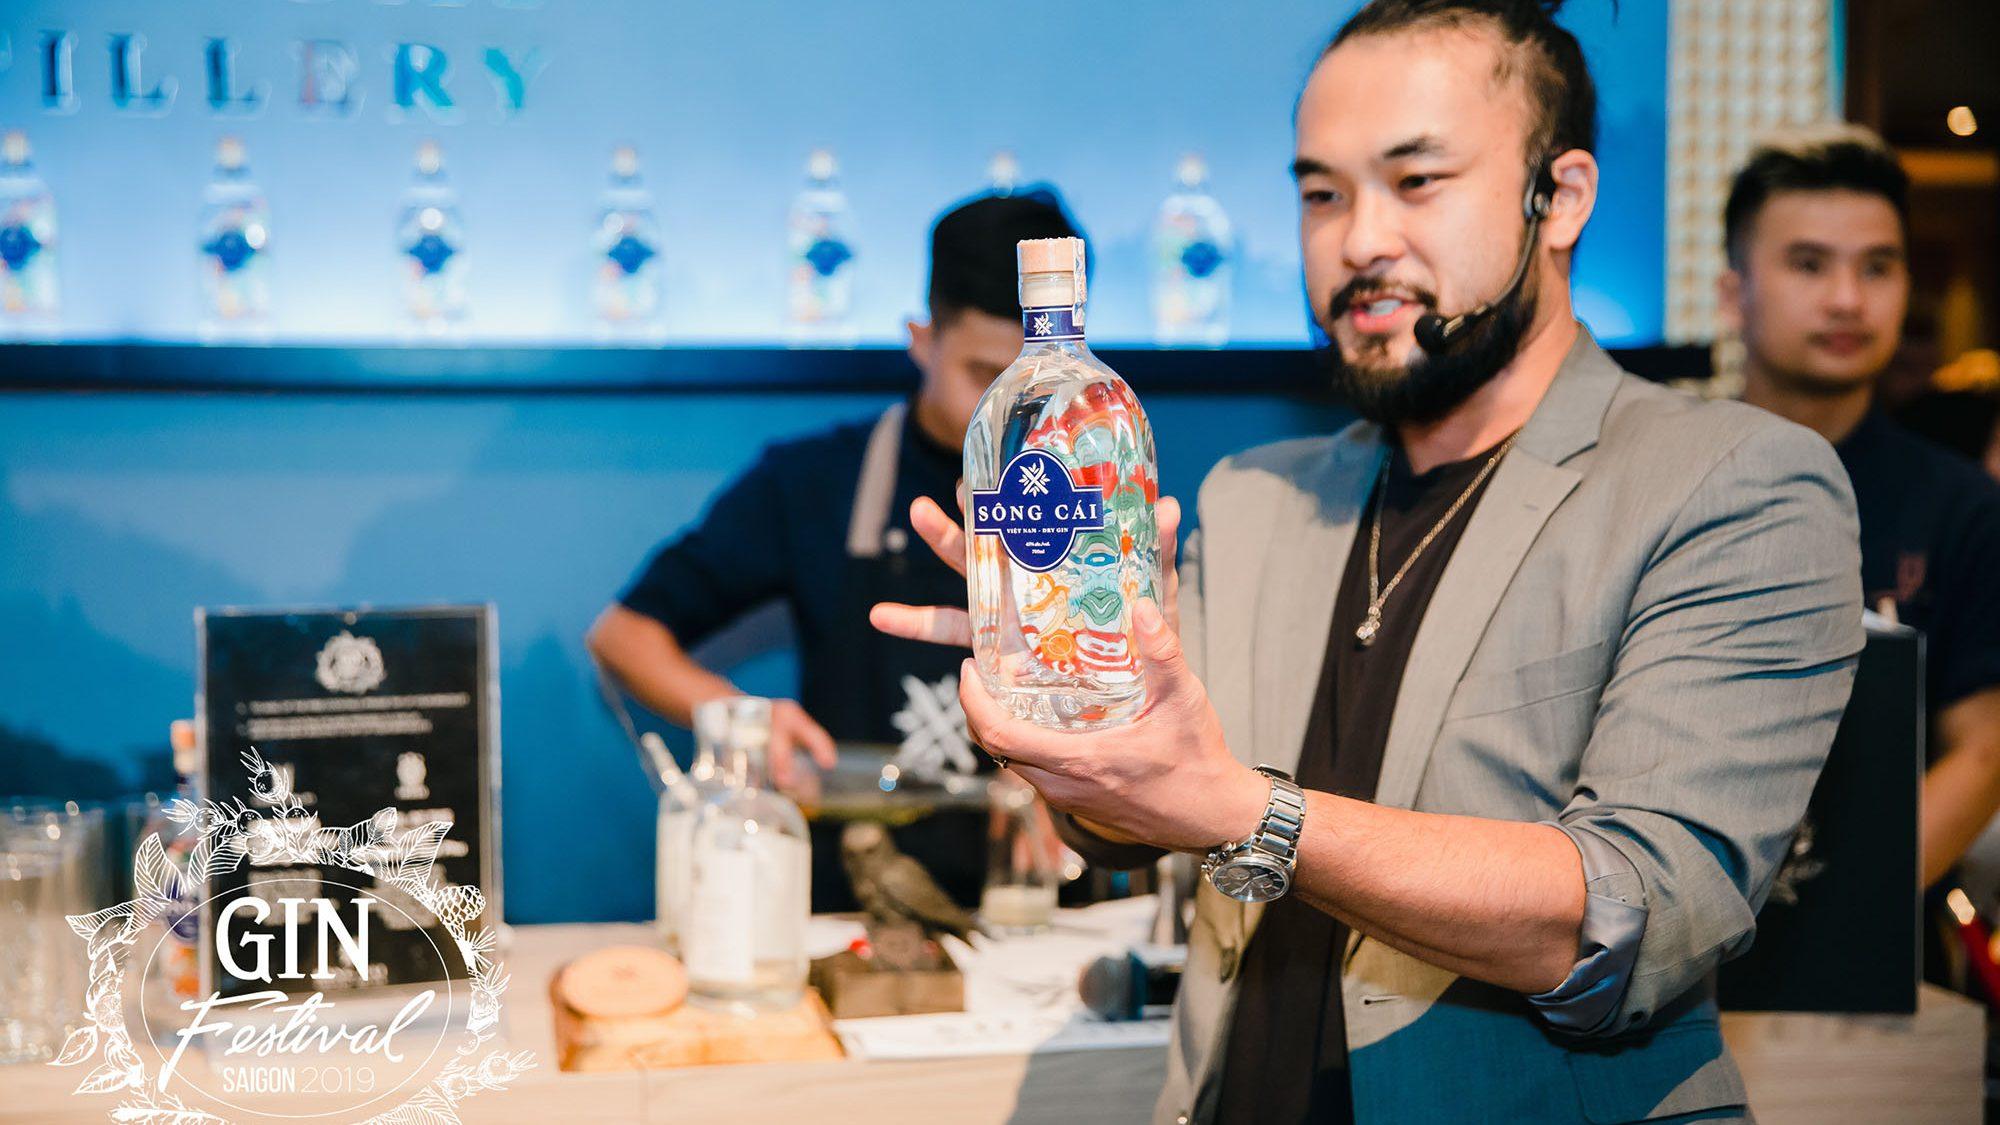 Gin Festival Saigon 2019: Thoả mãn cơn khát gin